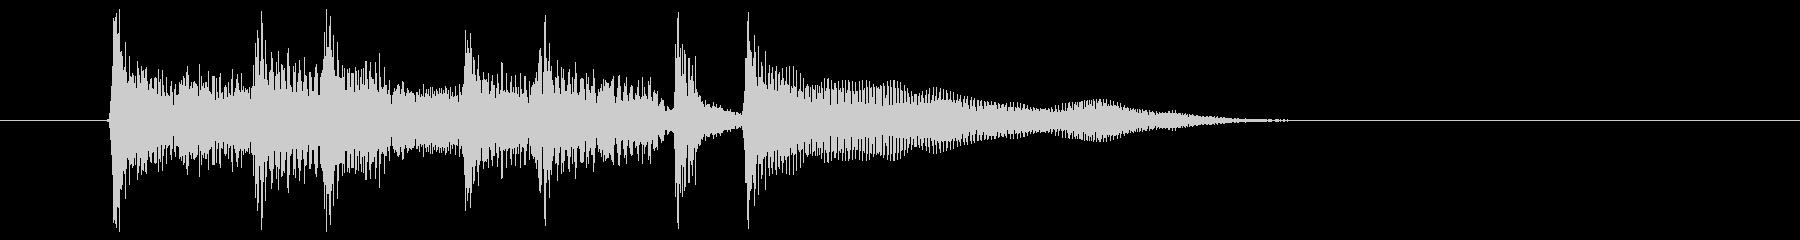 ゆったりなポップスによるジングルの未再生の波形